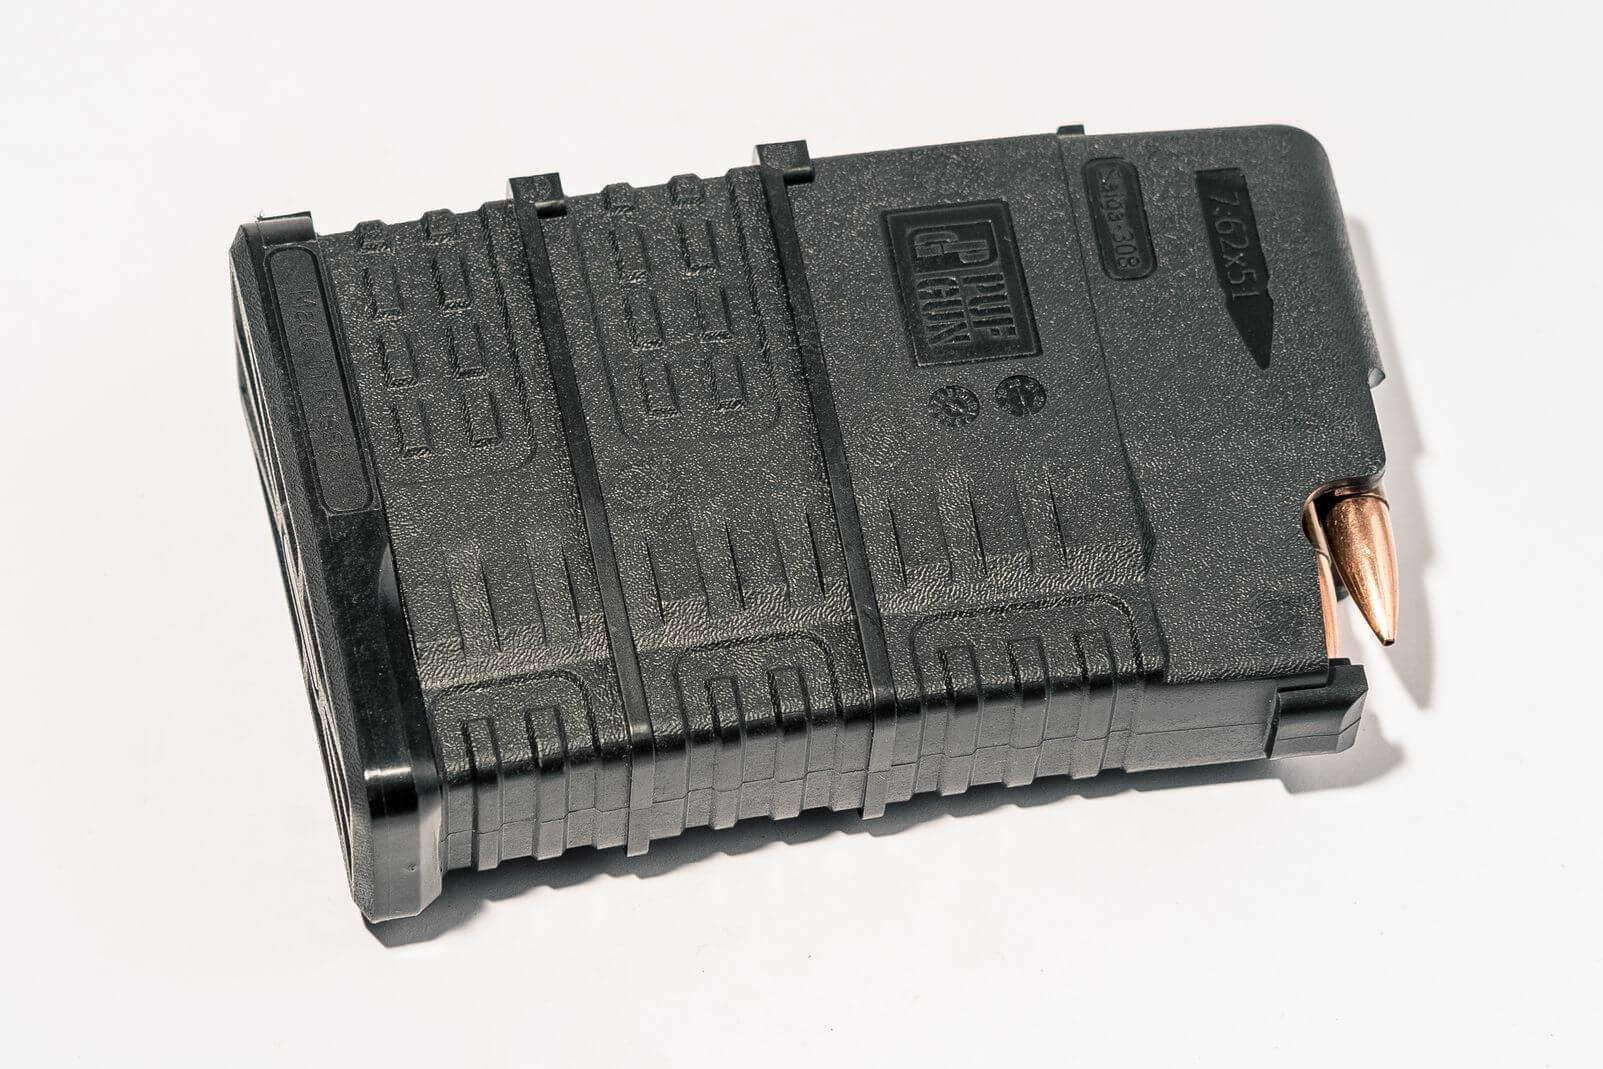 Магазин Pufgun Сайга-308 на 15 патронов, черный